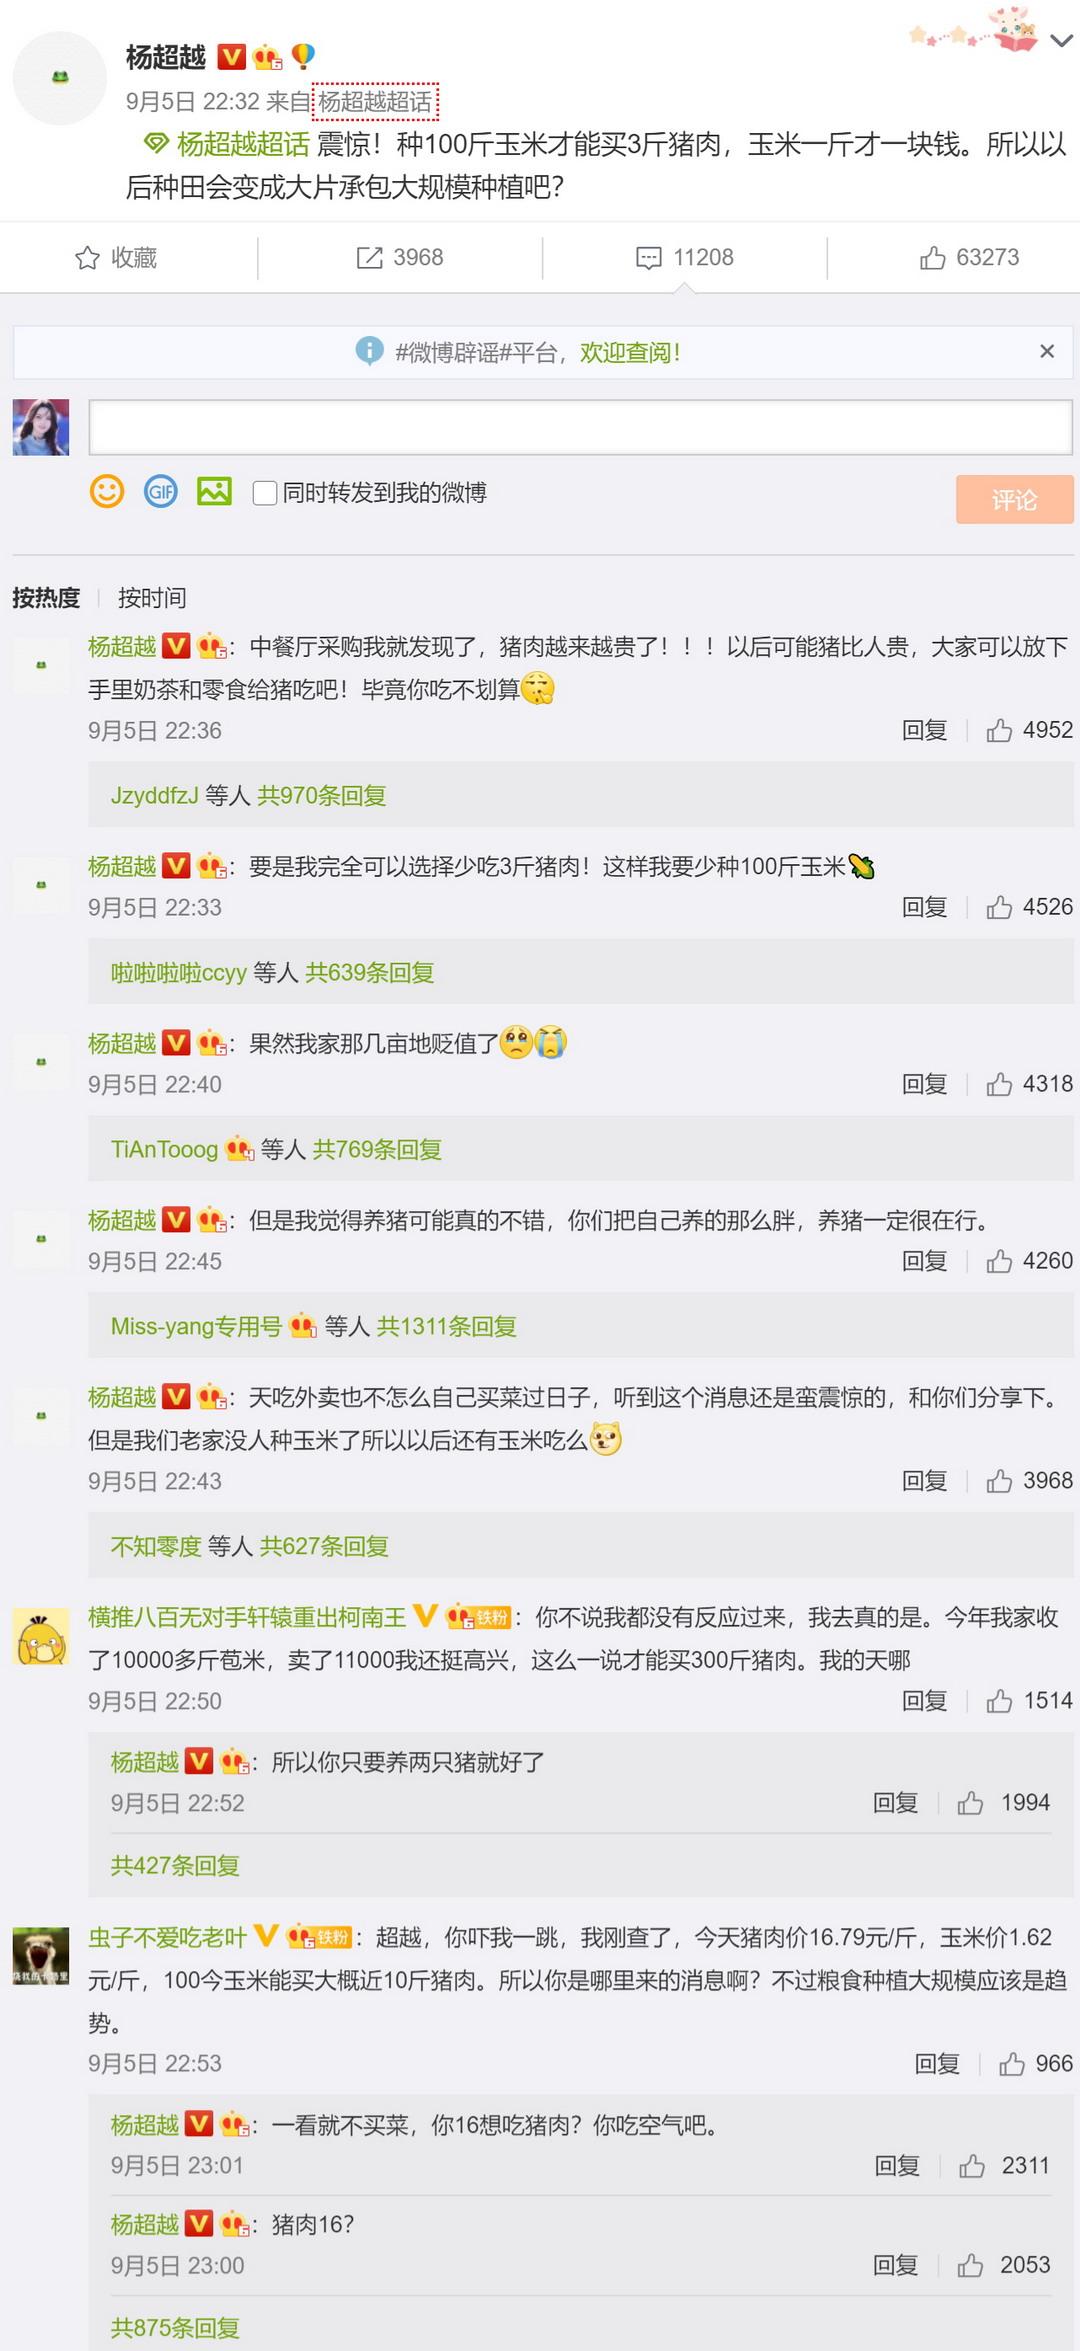 杨超越和粉丝在微博上探讨猪肉价格和养猪还是种玉米